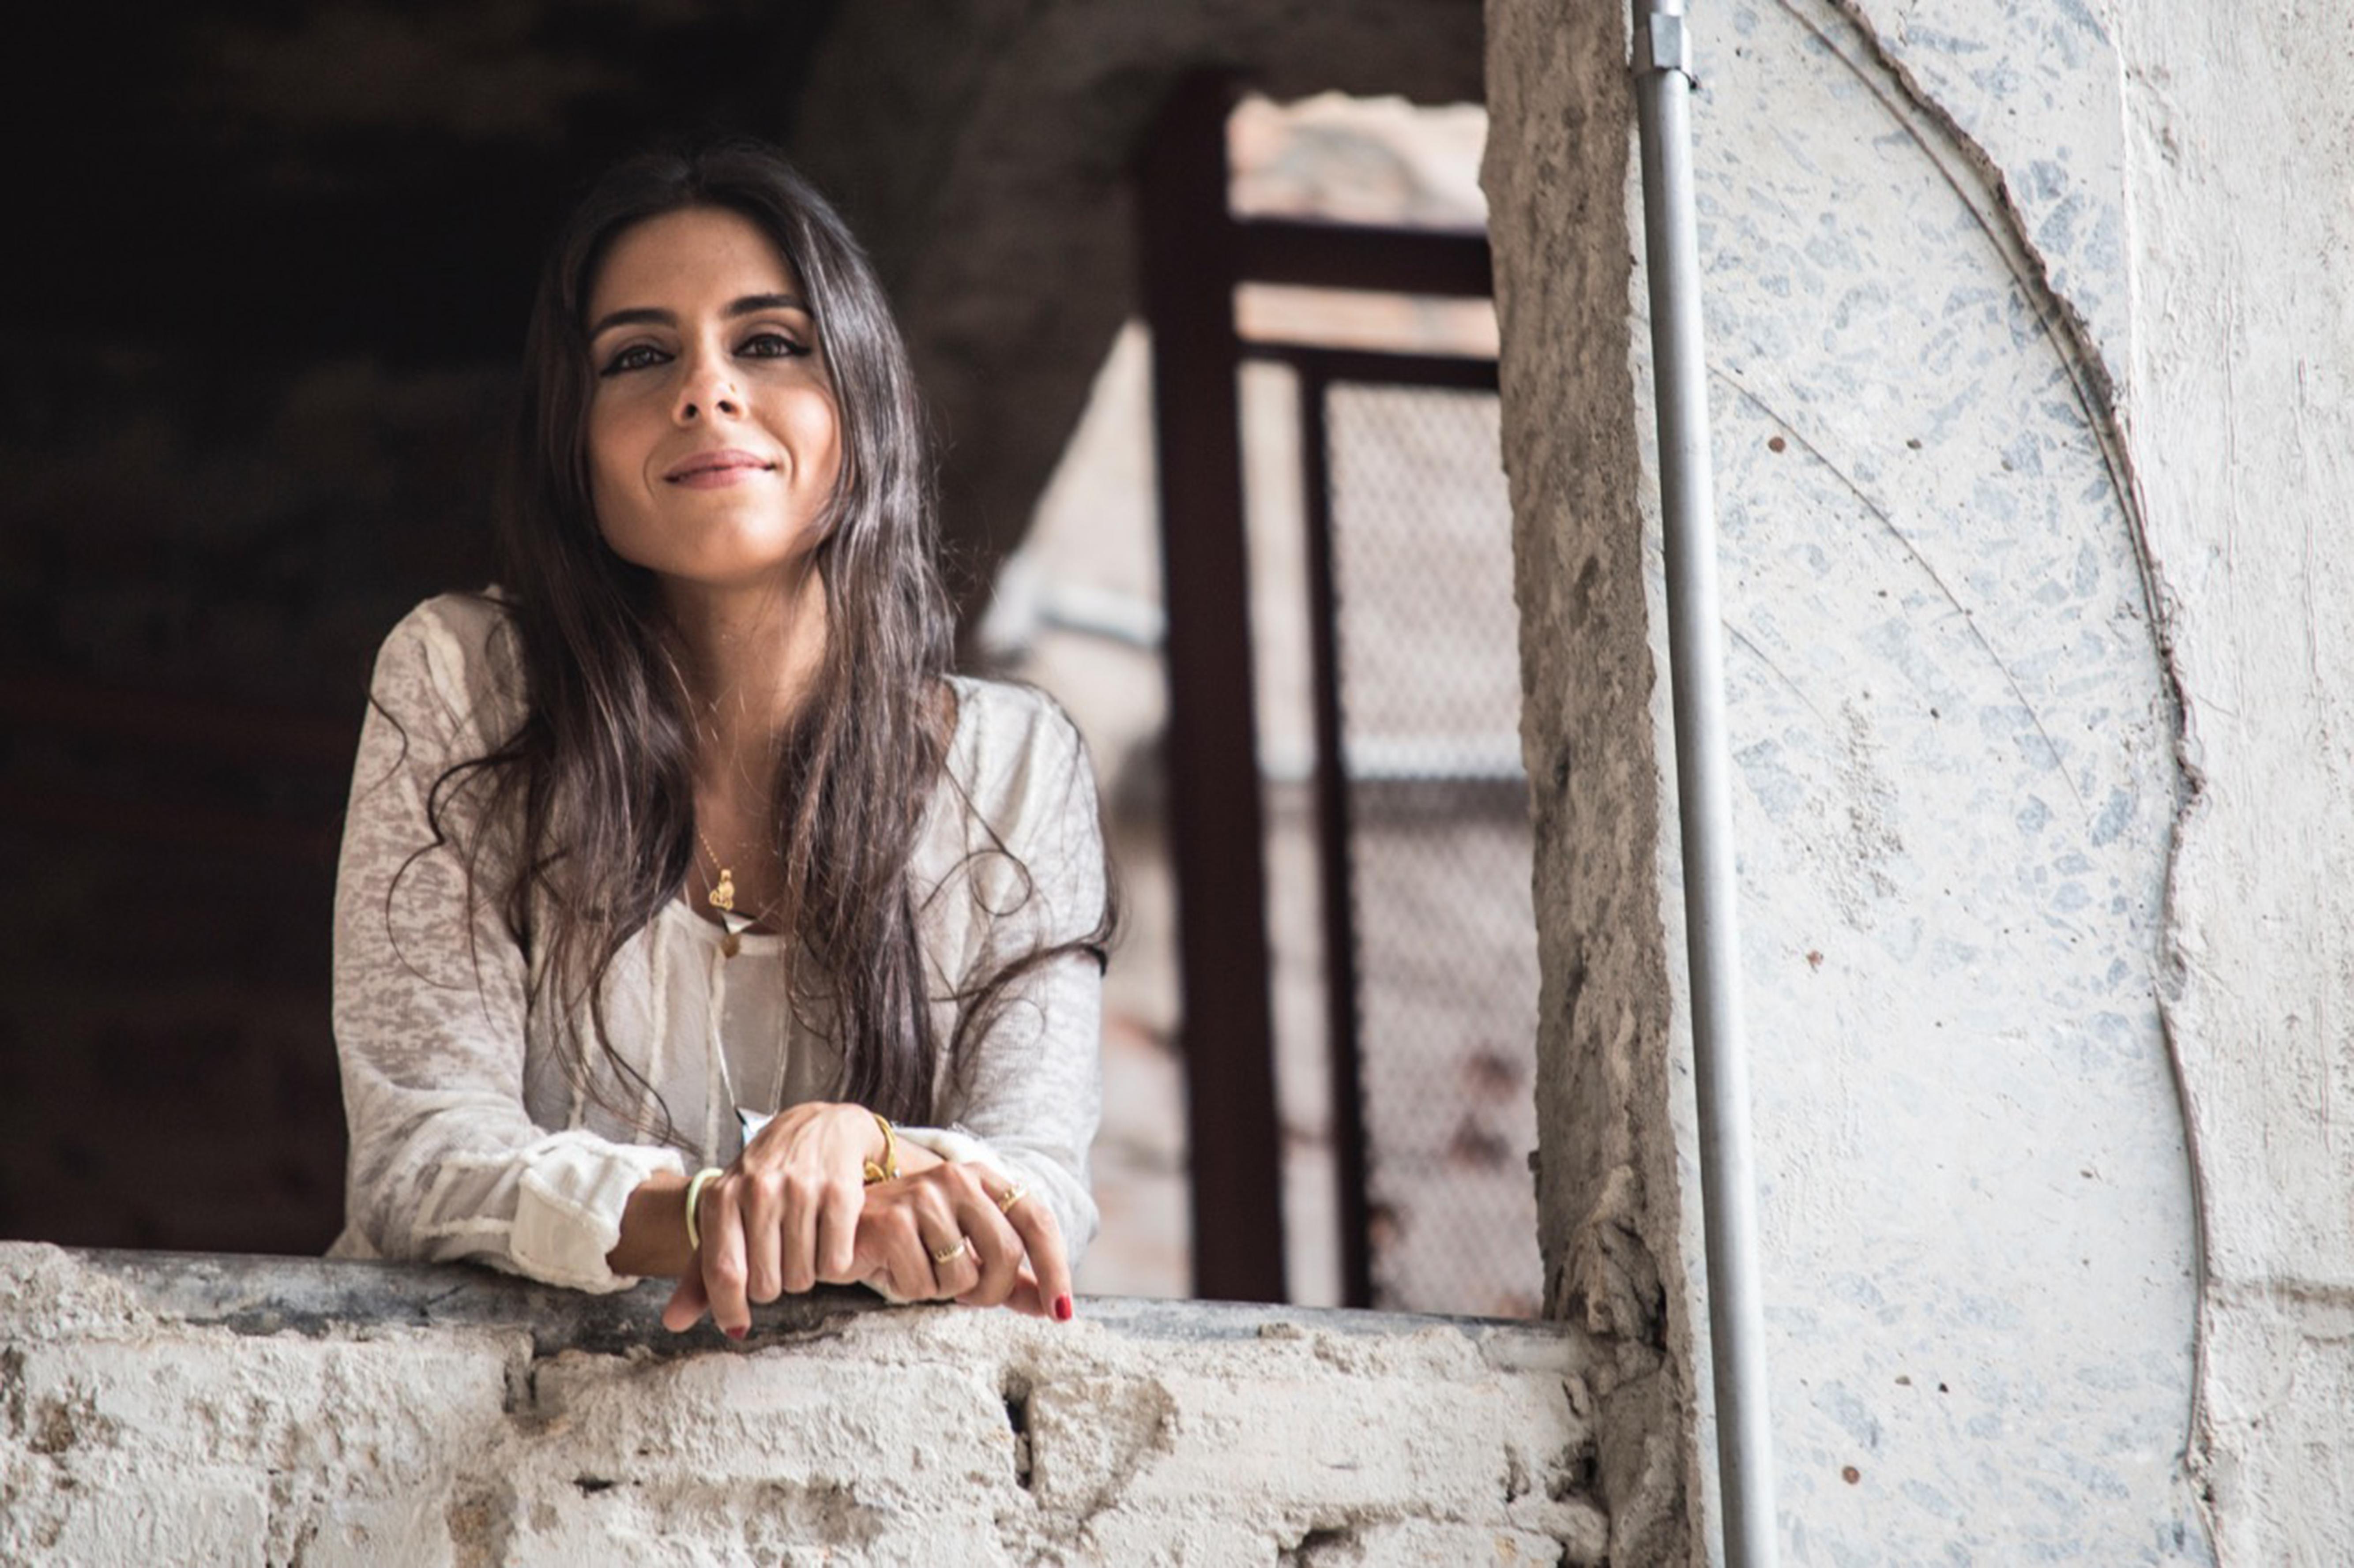 Fernanda Simon / Cortesia